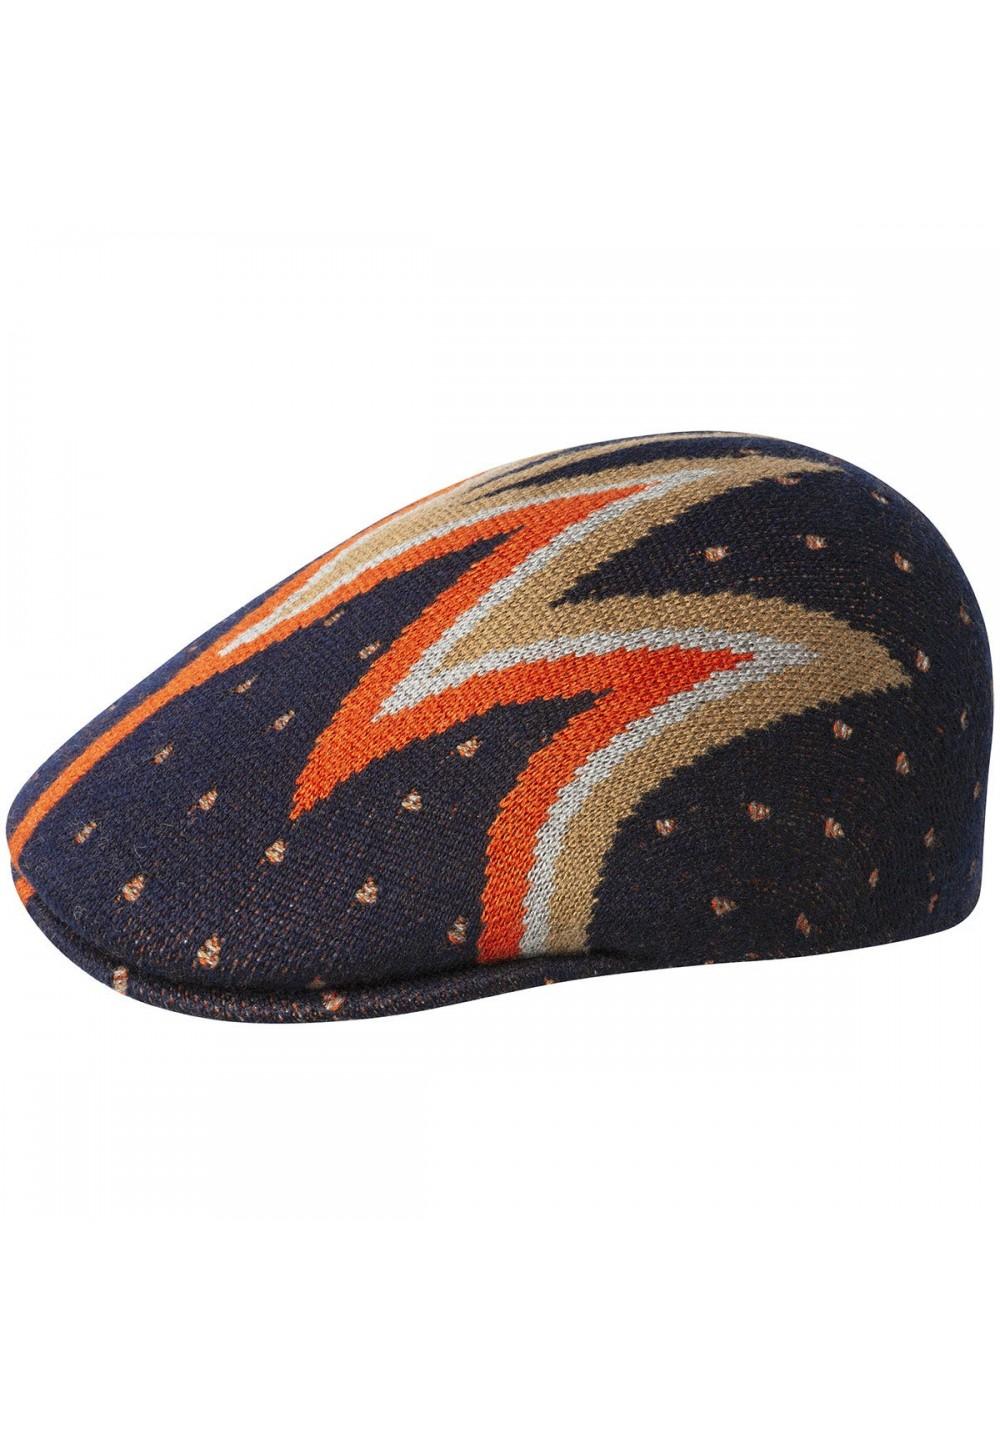 Стильная мужская кепка Shock Wave 507